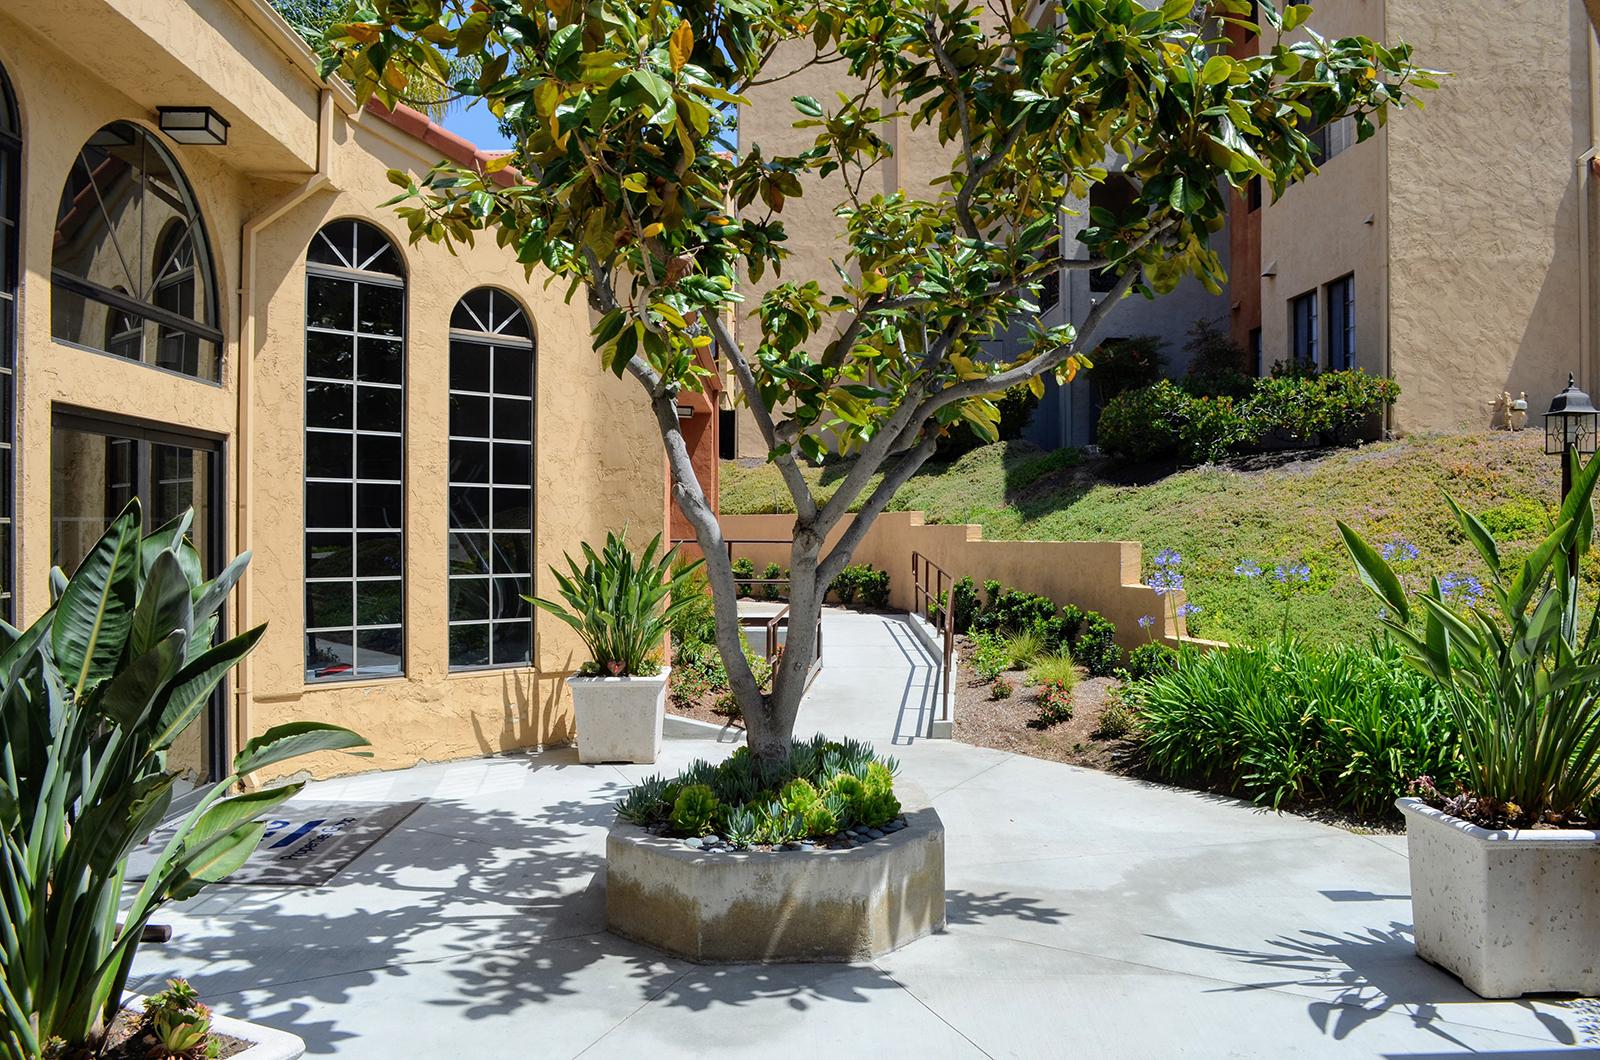 Professional Landscaping at Canyon Villa Apartments, 91910, CA